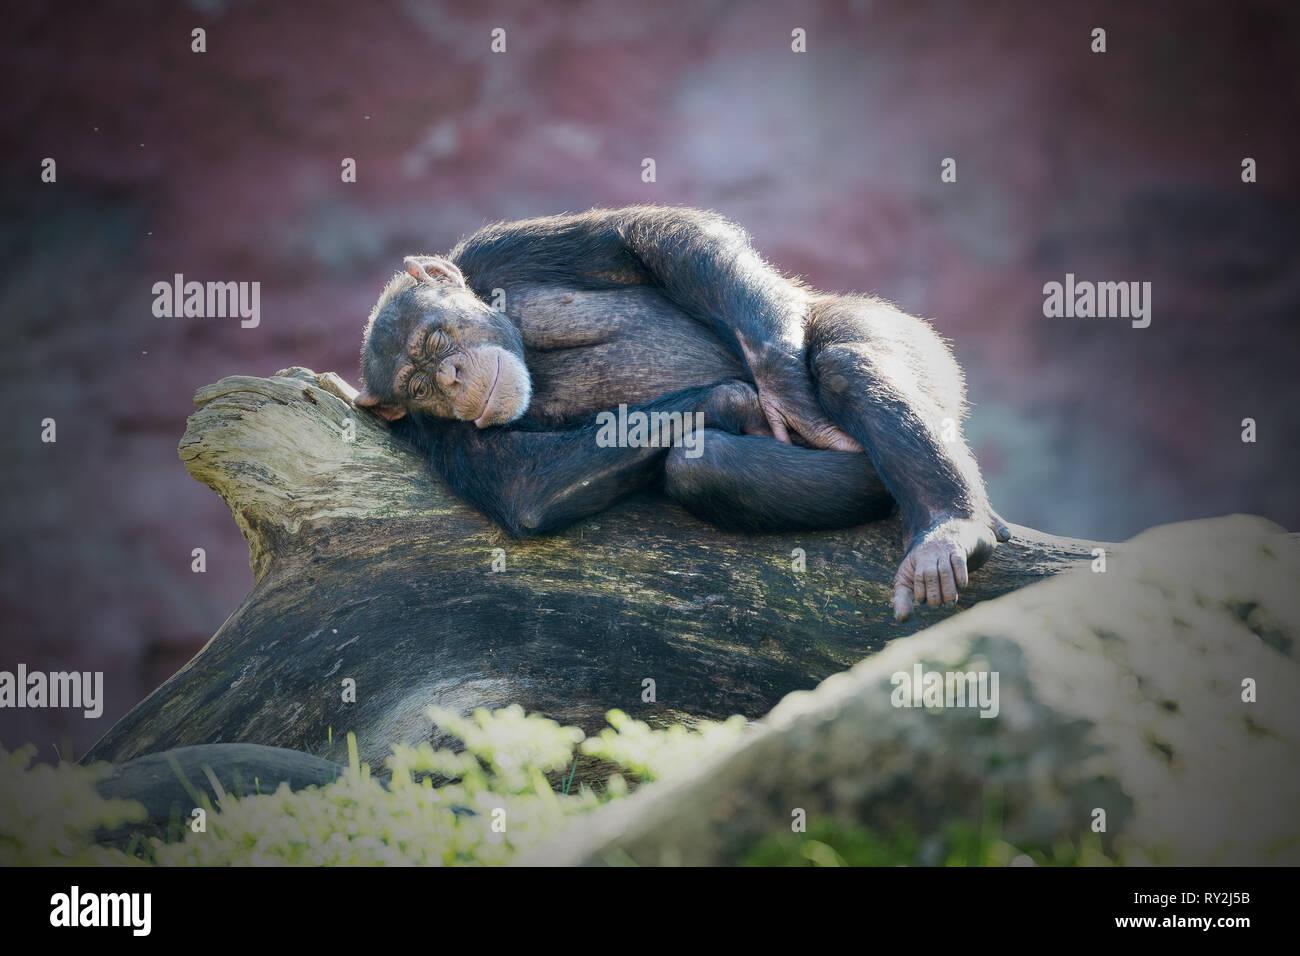 Ein Schimpanse liegt auef einem Bauem uend schlaeft in der ZOOM-Erlebniswelt Gelsenkirchen, 15.10.2017 Bildnachweis: Mario Hommes / HH-Photography - Stock Image